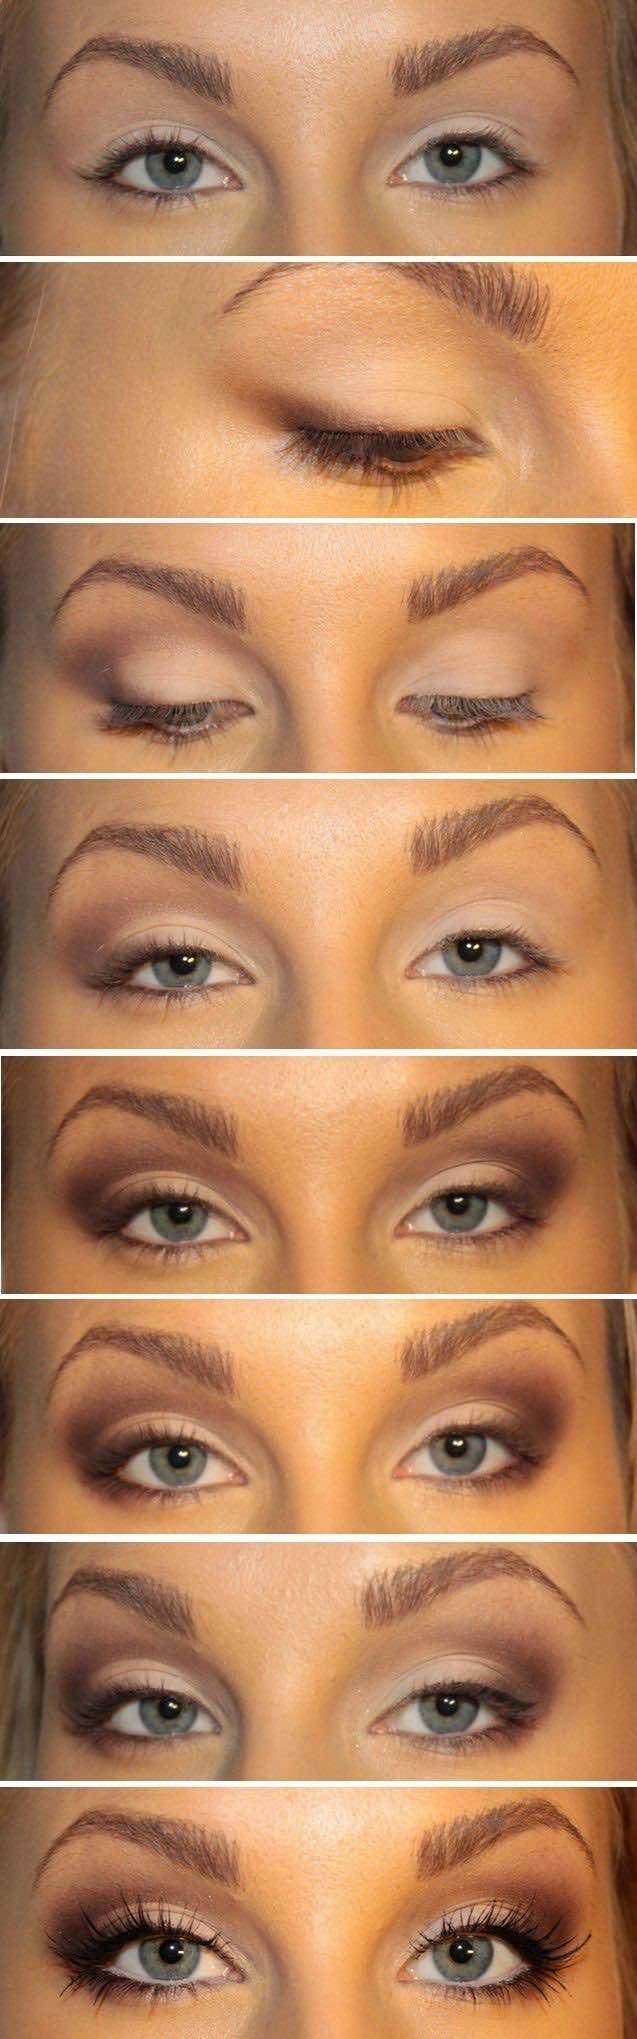 Trucos para maquillar ojos juntos.